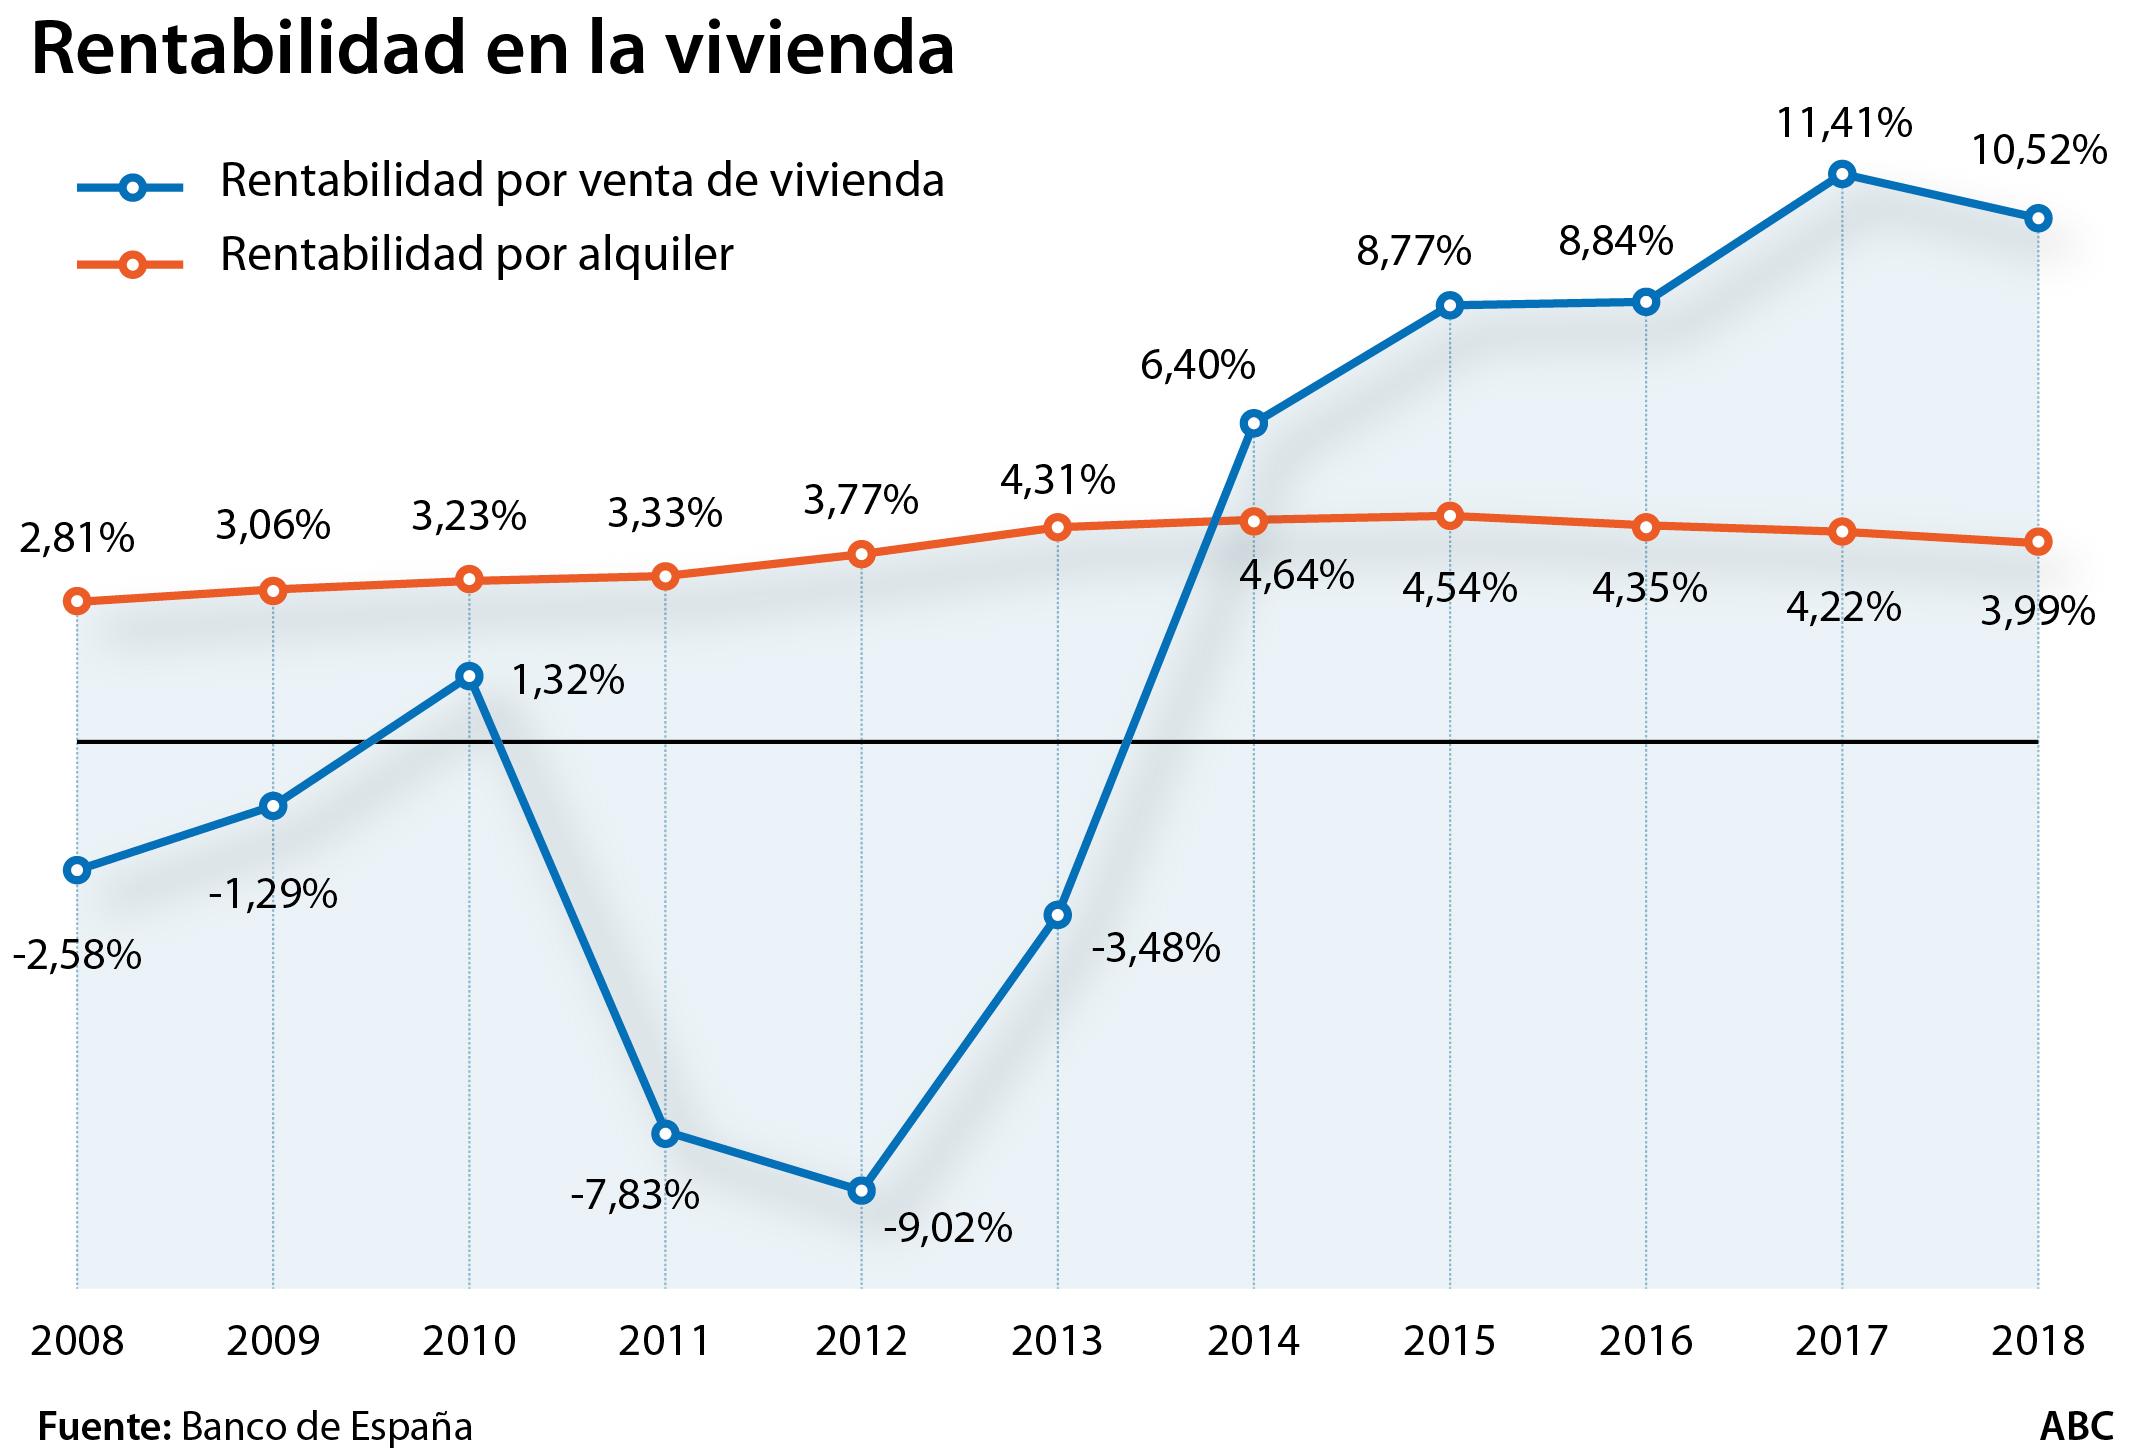 La rentabilidad del alquiler se frena y cae a niveles de 2013